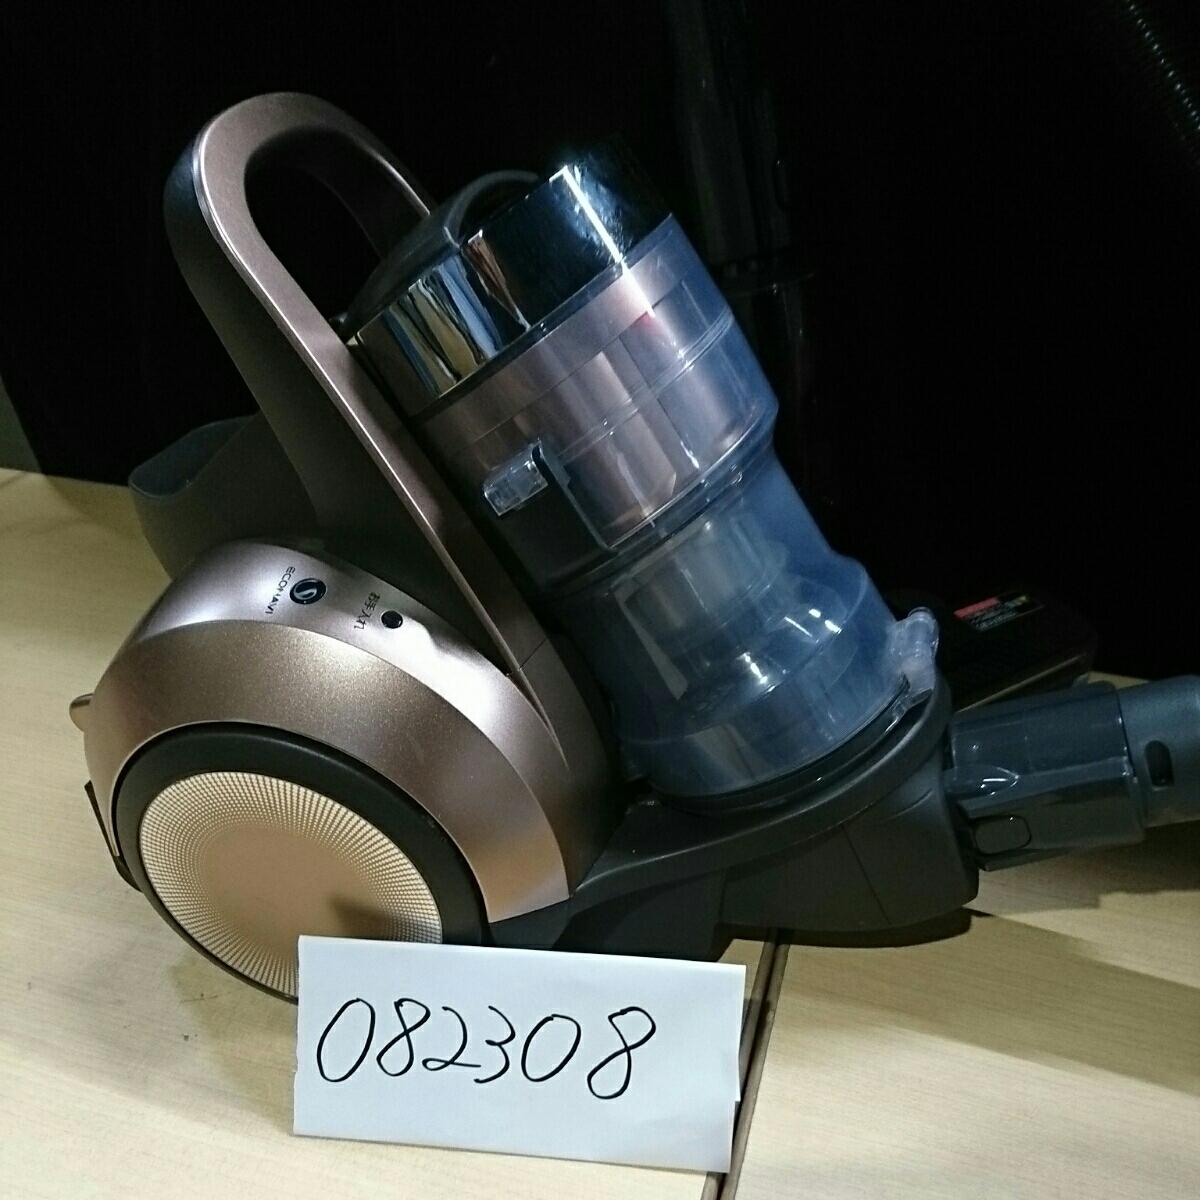 2017年製 Panasonic パナソニック電気掃除機 MC-SR550G-N (管理番号082308)